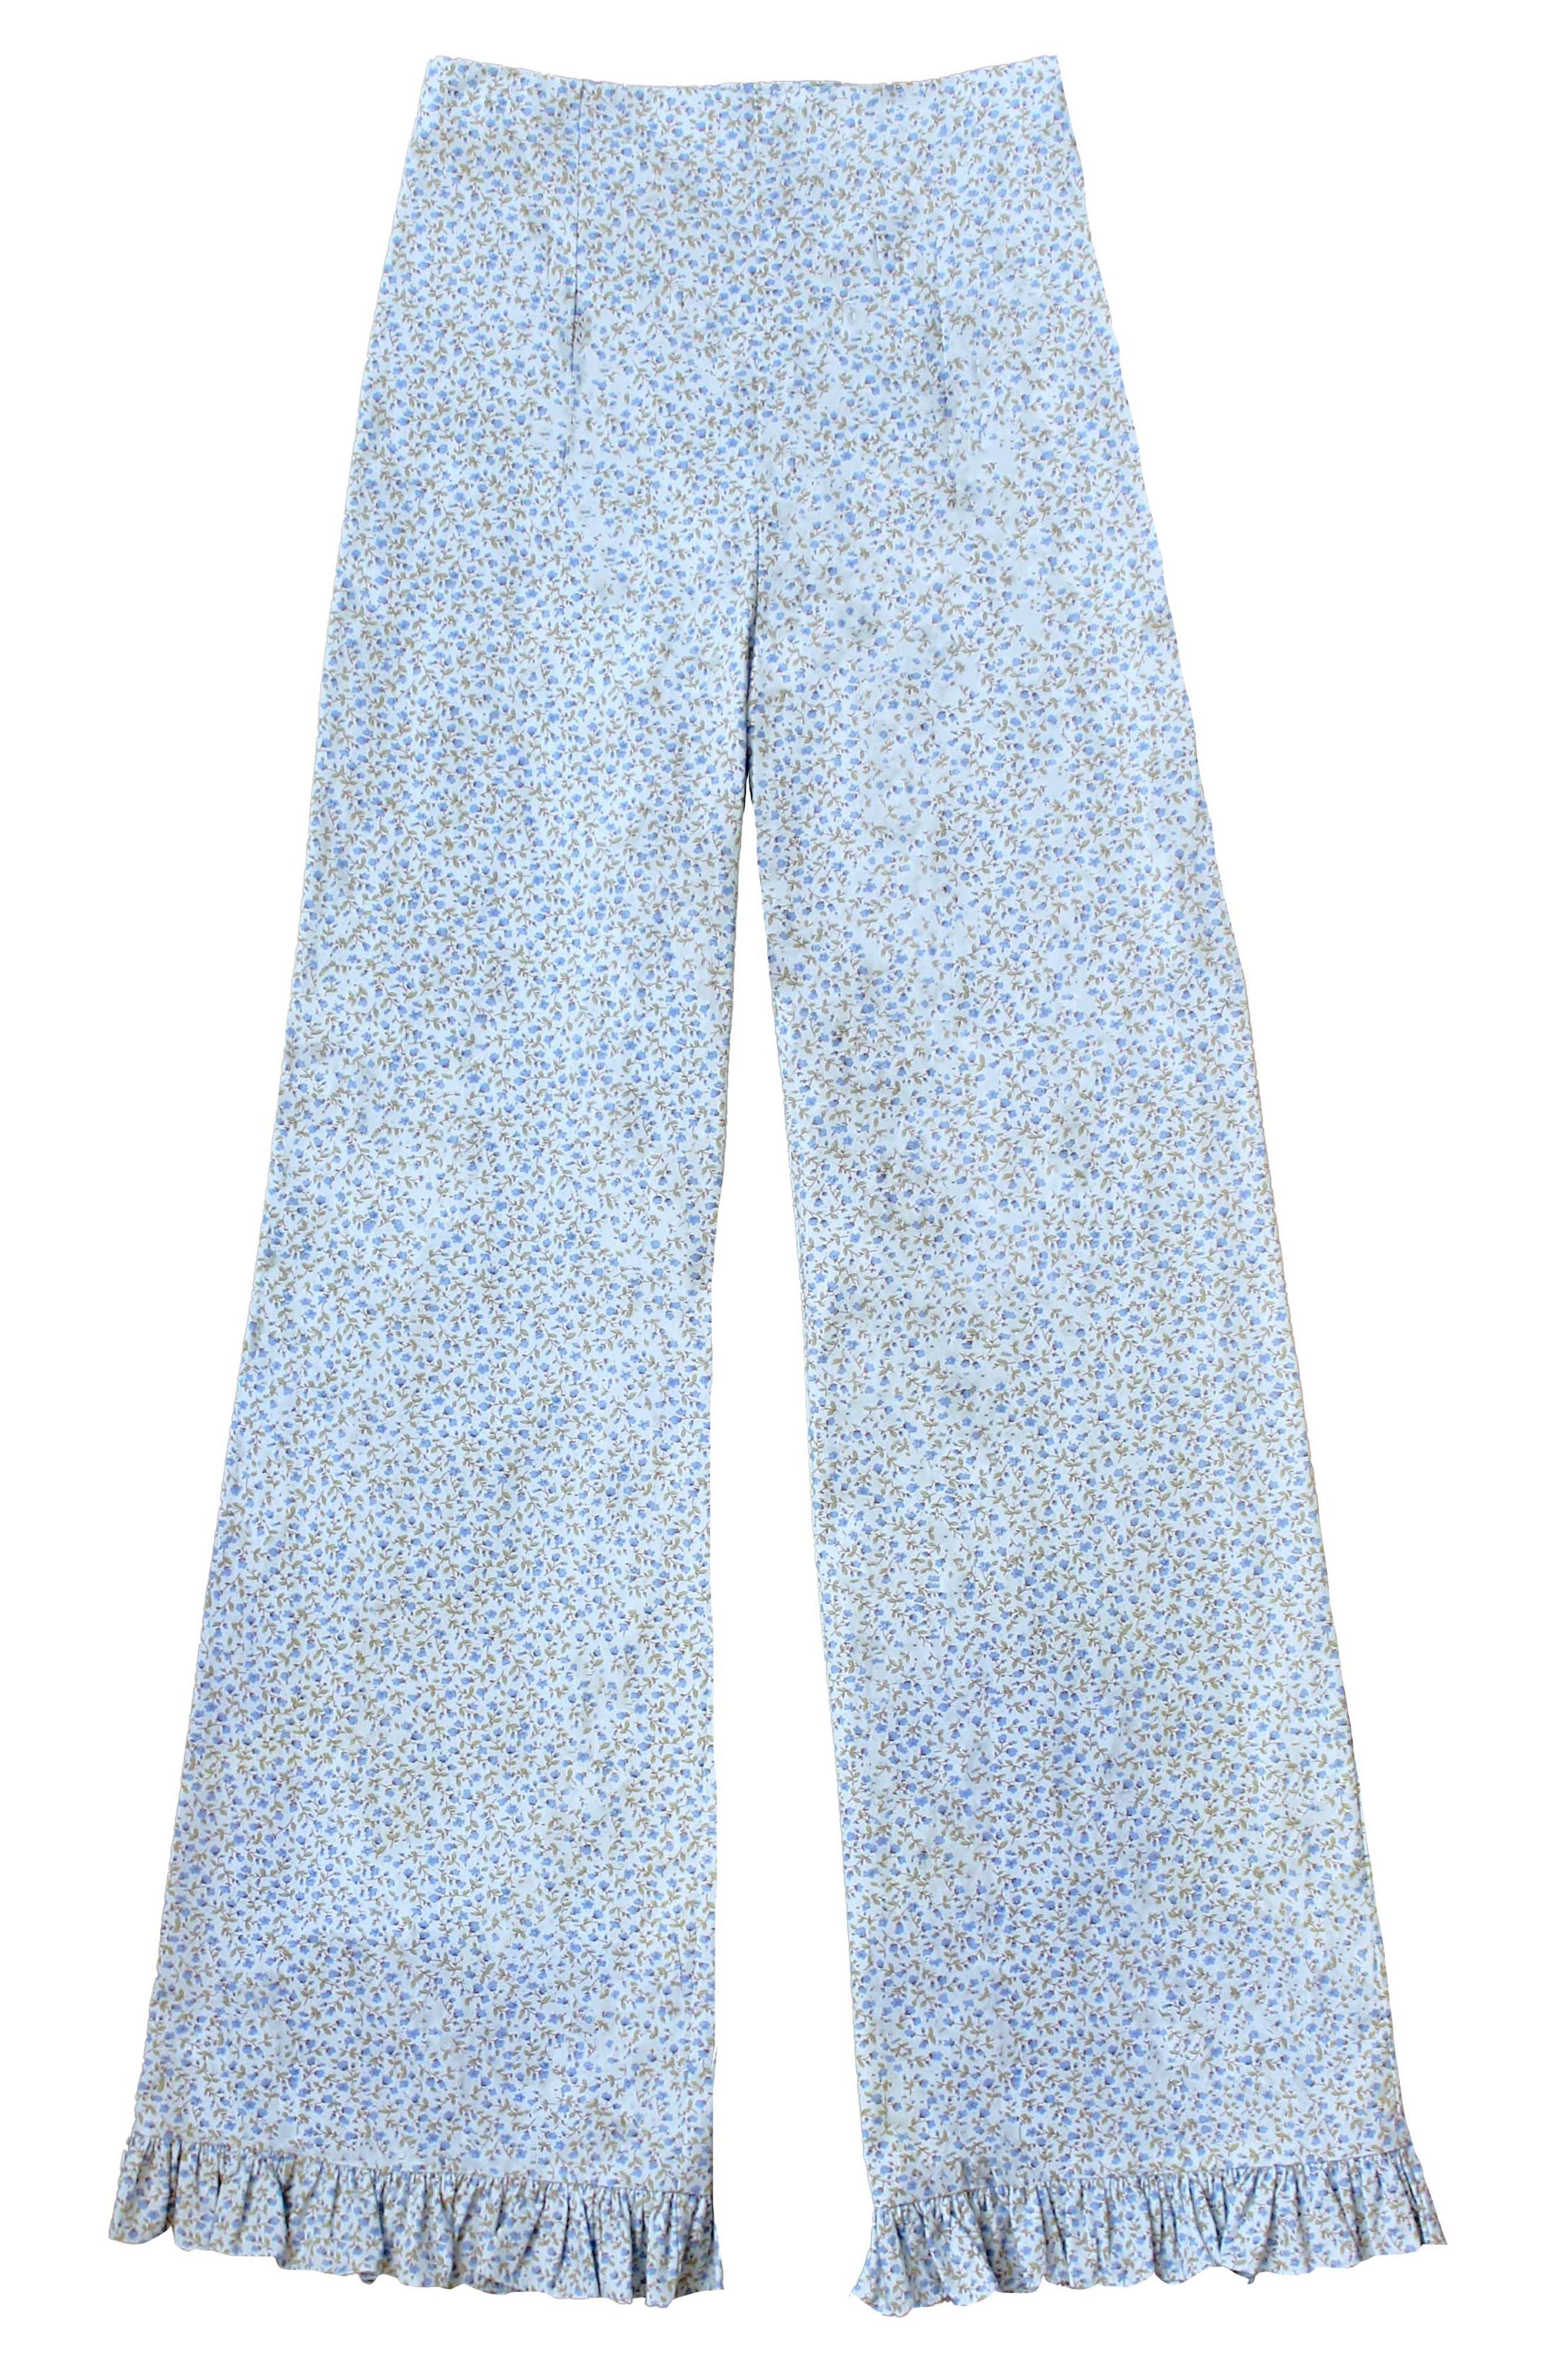 Ruffle Hem Crop Pants